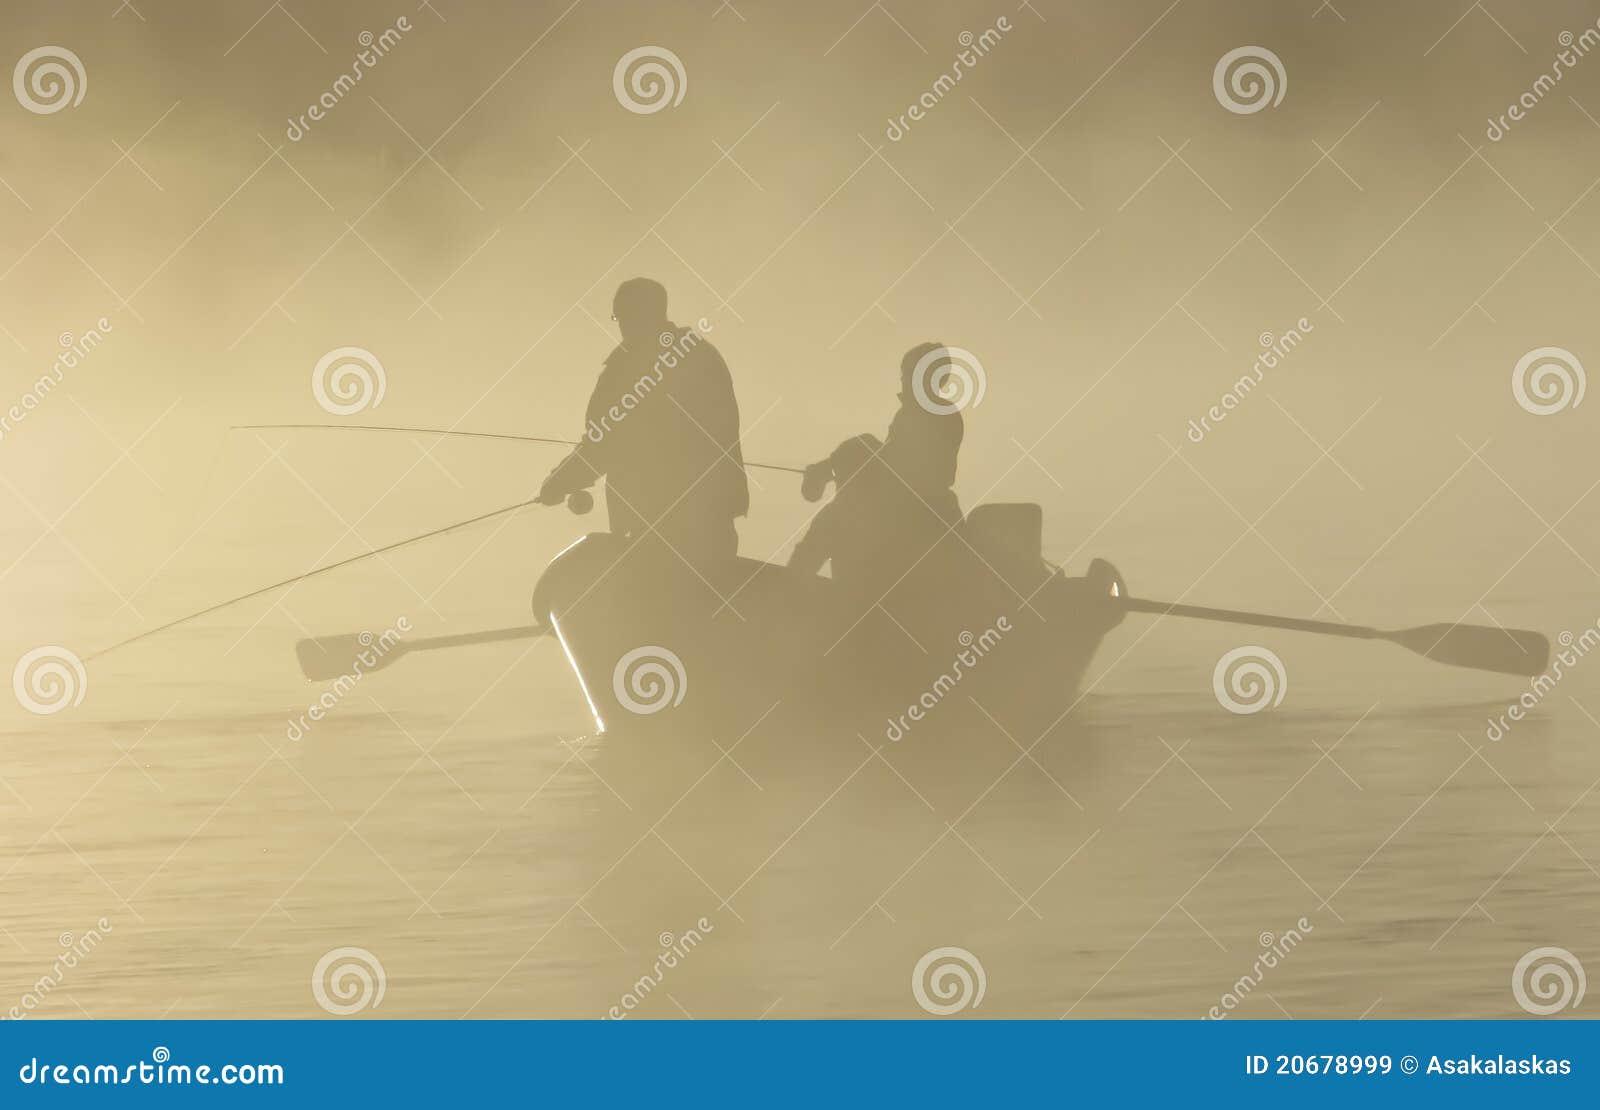 Pesca di mosca in una barca di direzione nella nebbia